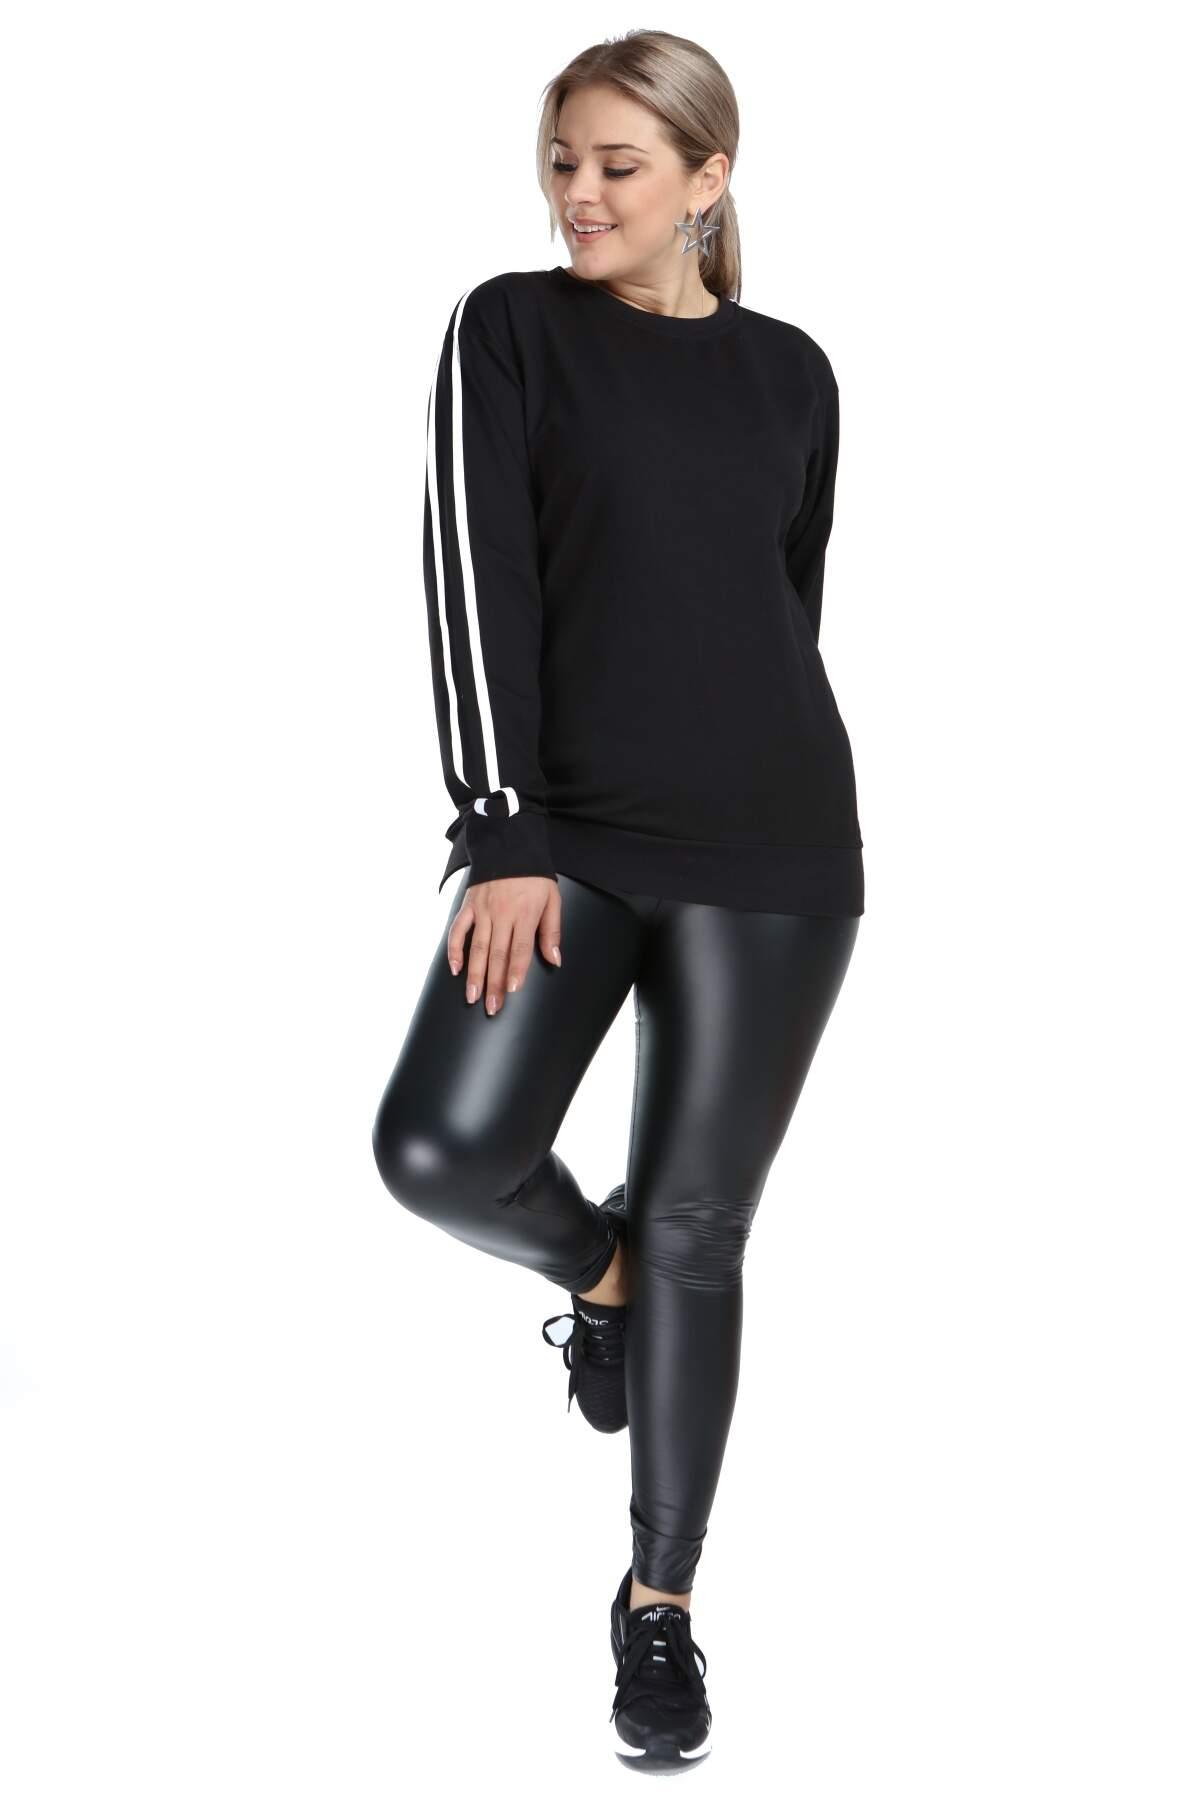 Angelino Büyük Beden Siyah Spor Giyim Kolları Şeritli Sweat Üst 2534